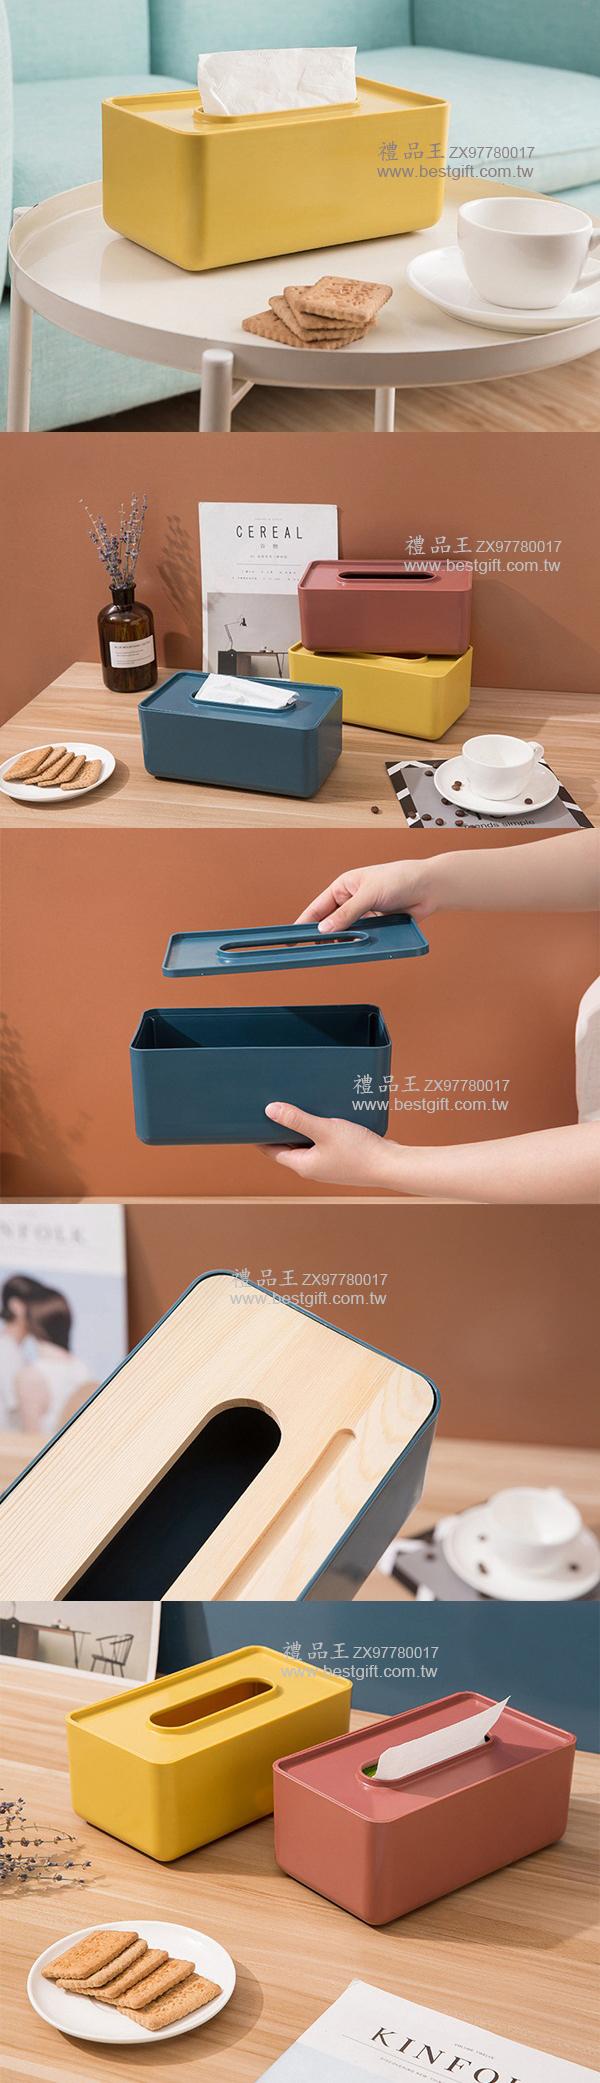 塑膠面紙盒紙巾盒